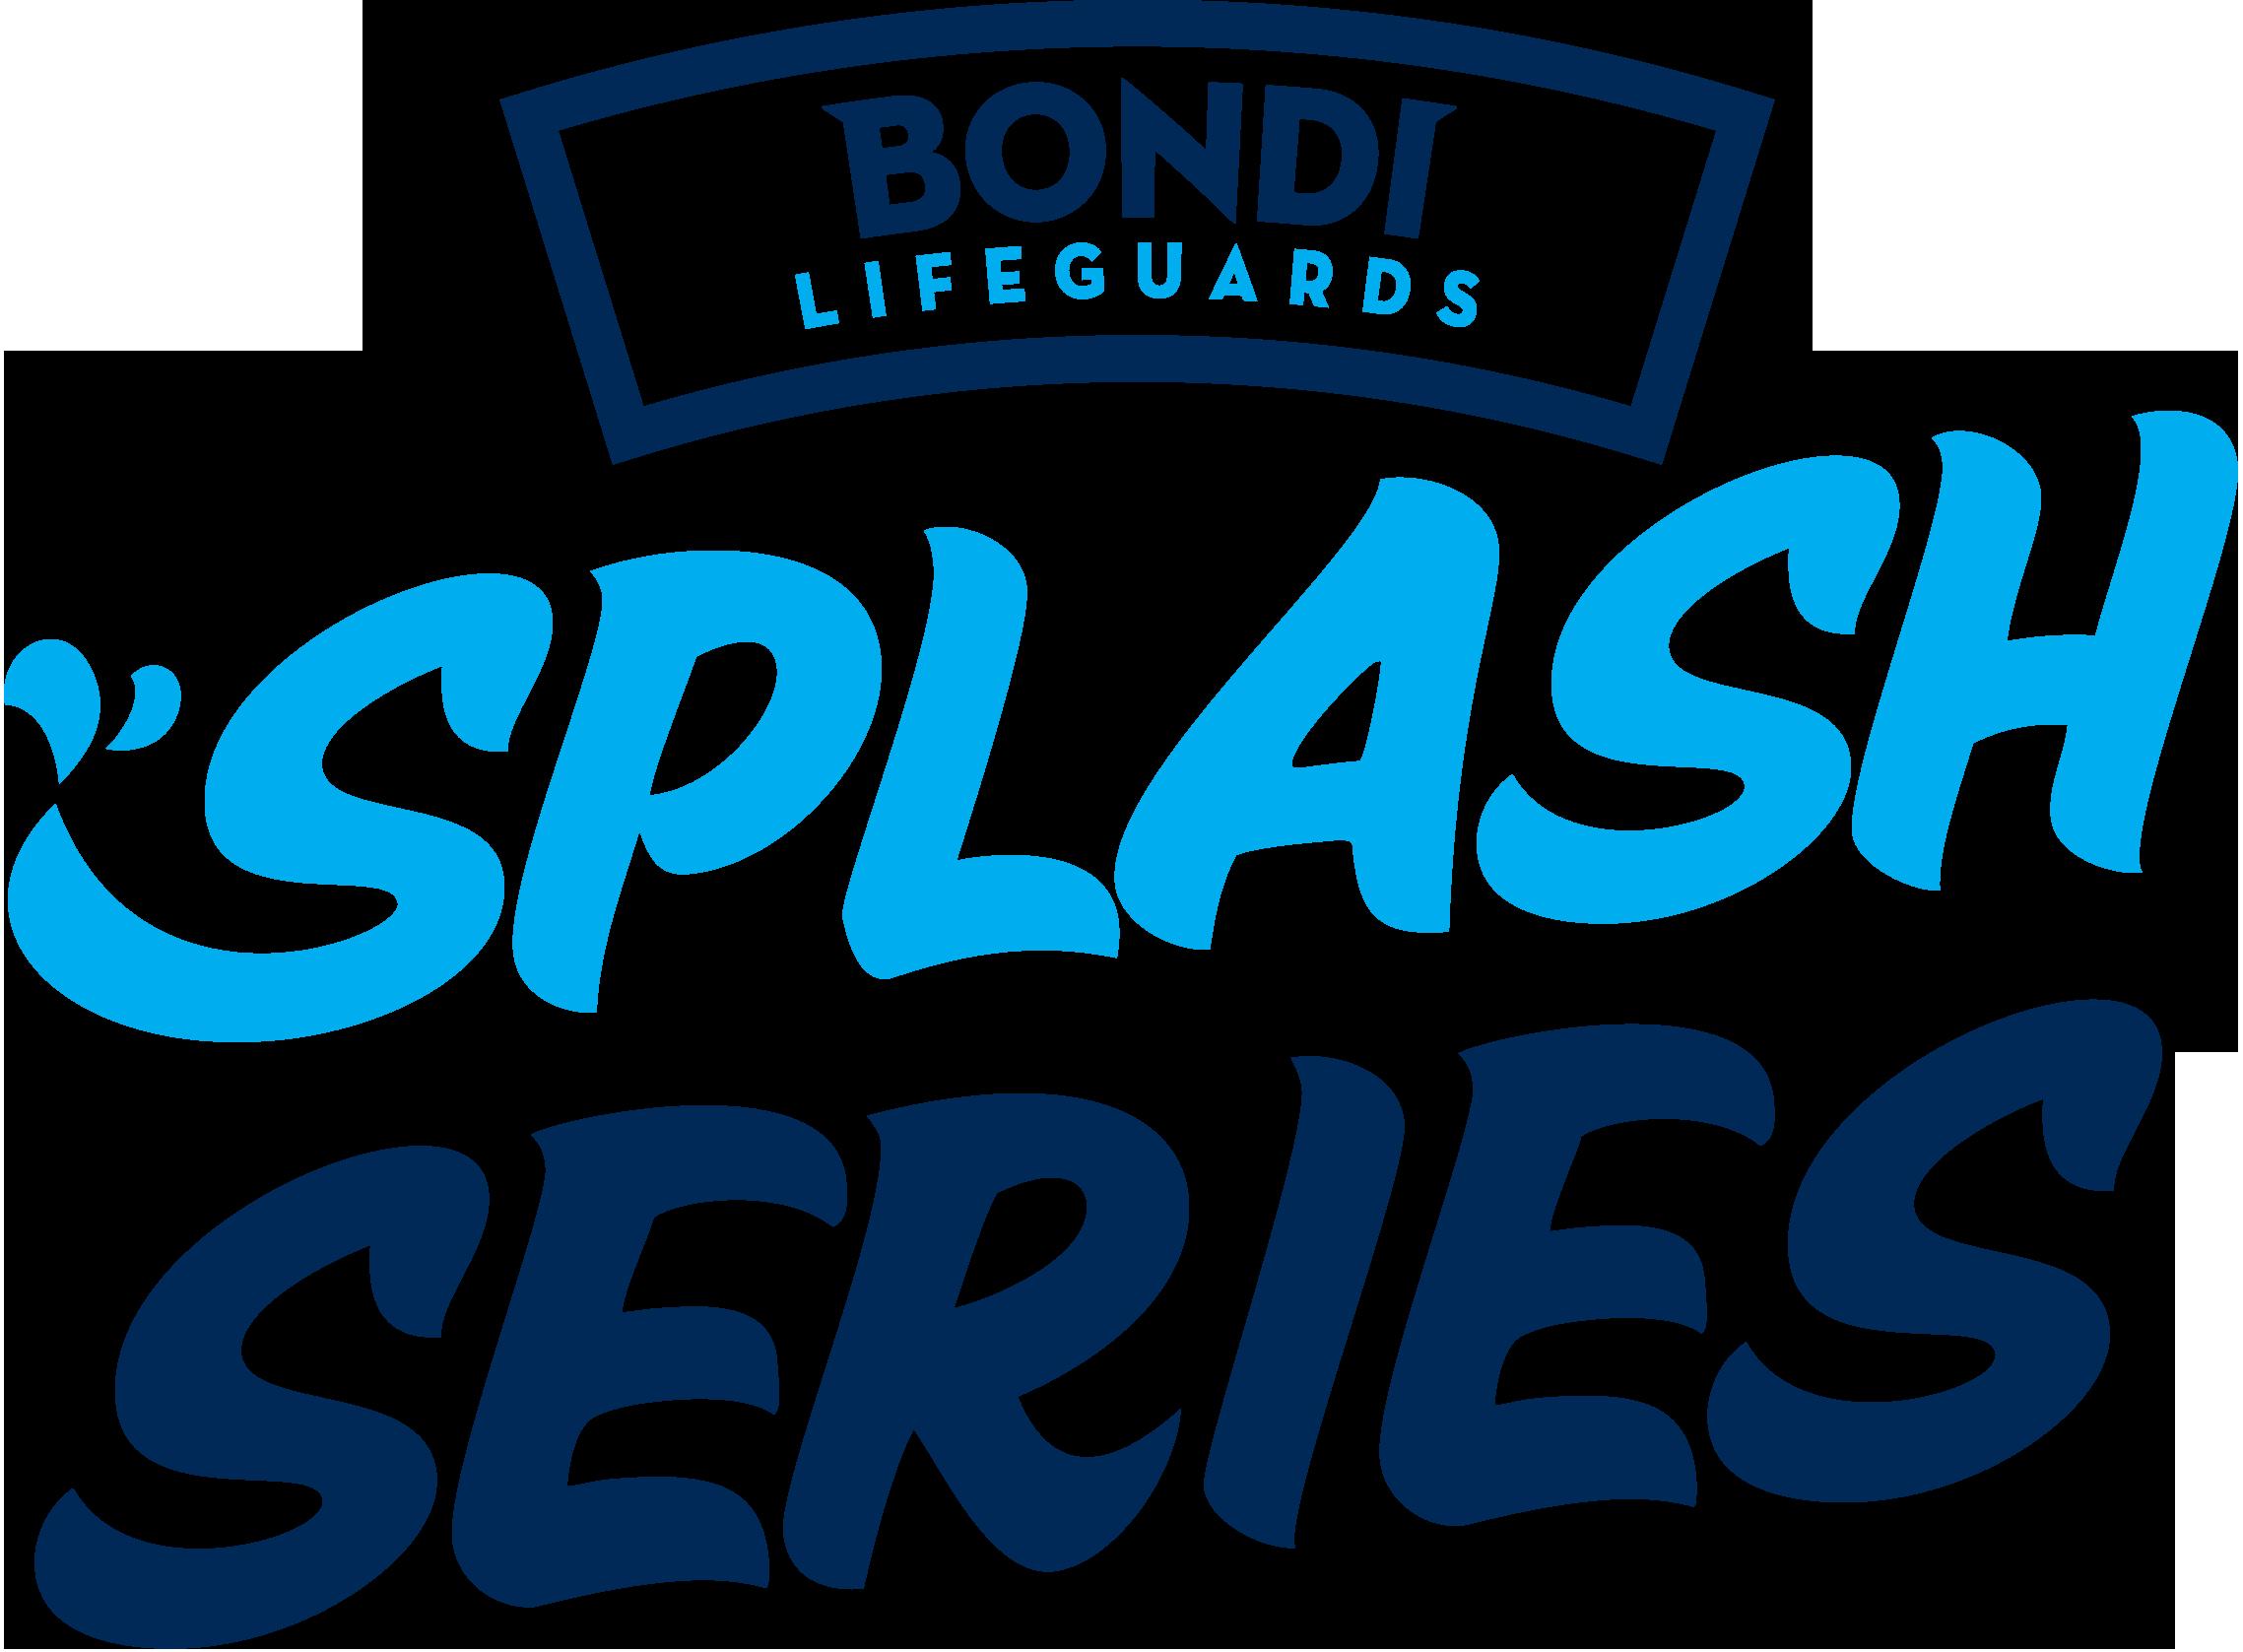 Splash-Series-Logo.png